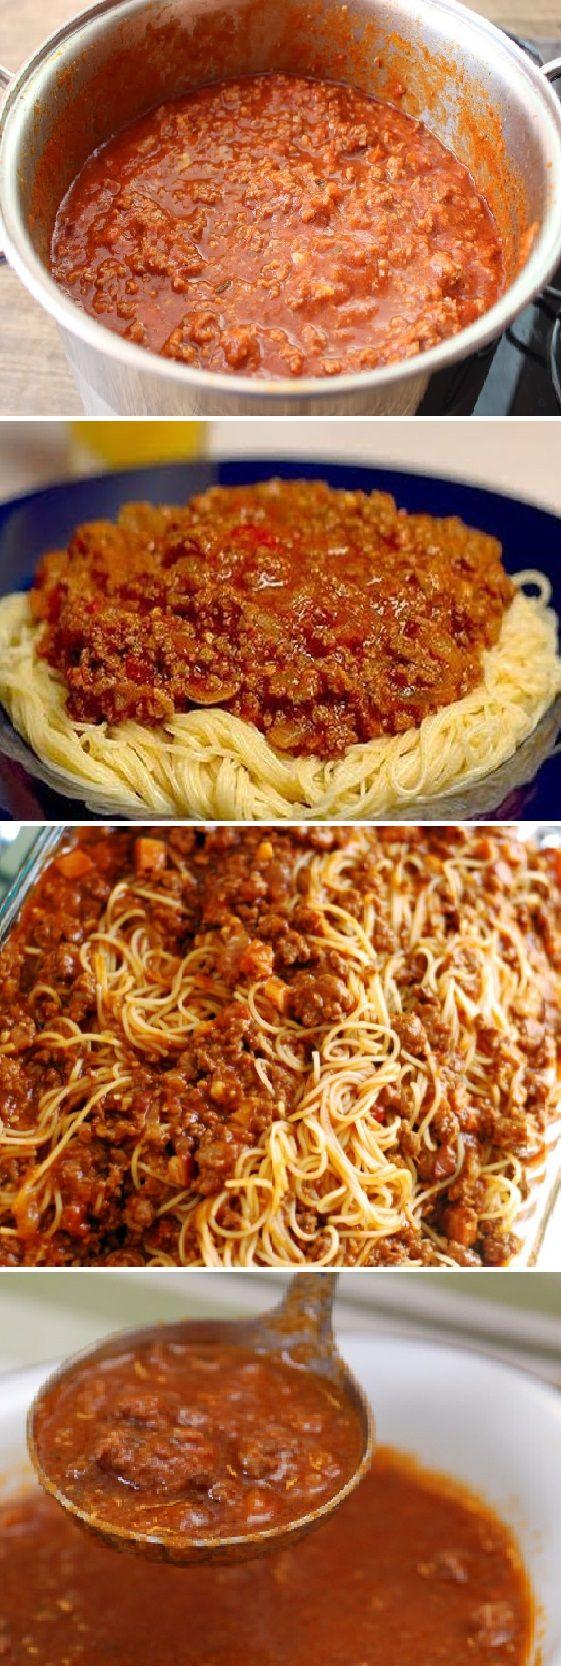 Cómo hacer Salsa Boloñesa ¡La receta original. #pasta #pastasalad #boloñesa #carne #cerdo #tomate #italy #ensaladas #salad #receta #recipe #tasty #food Si te gusta dinos HOLA y dale a Me Gusta MIREN…